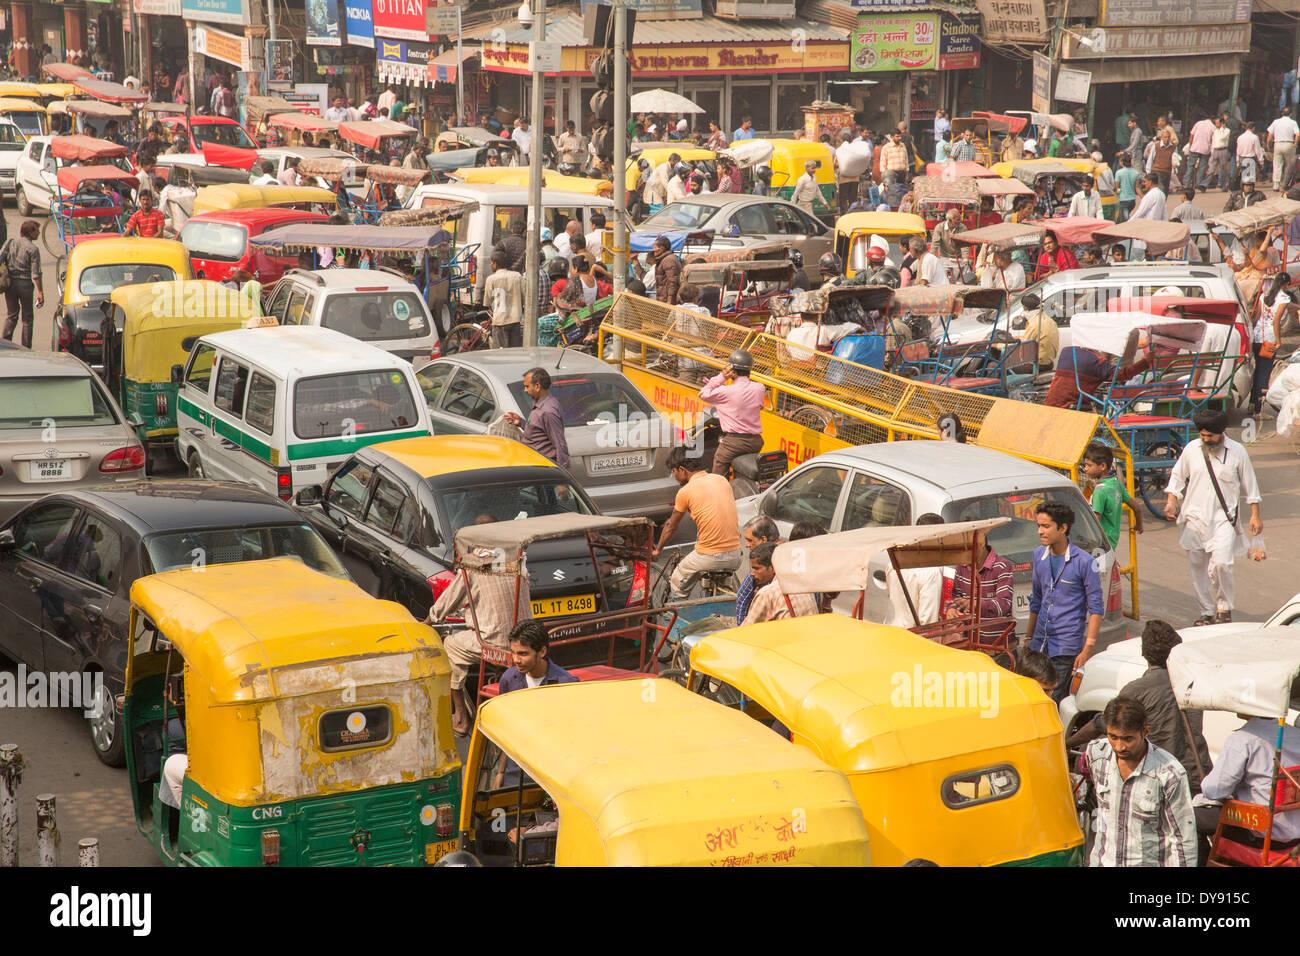 Tráfico, Delhi, Asia, pueblo, ciudad, mercado, coches, automóviles, muchos atascos de tráfico Imagen De Stock